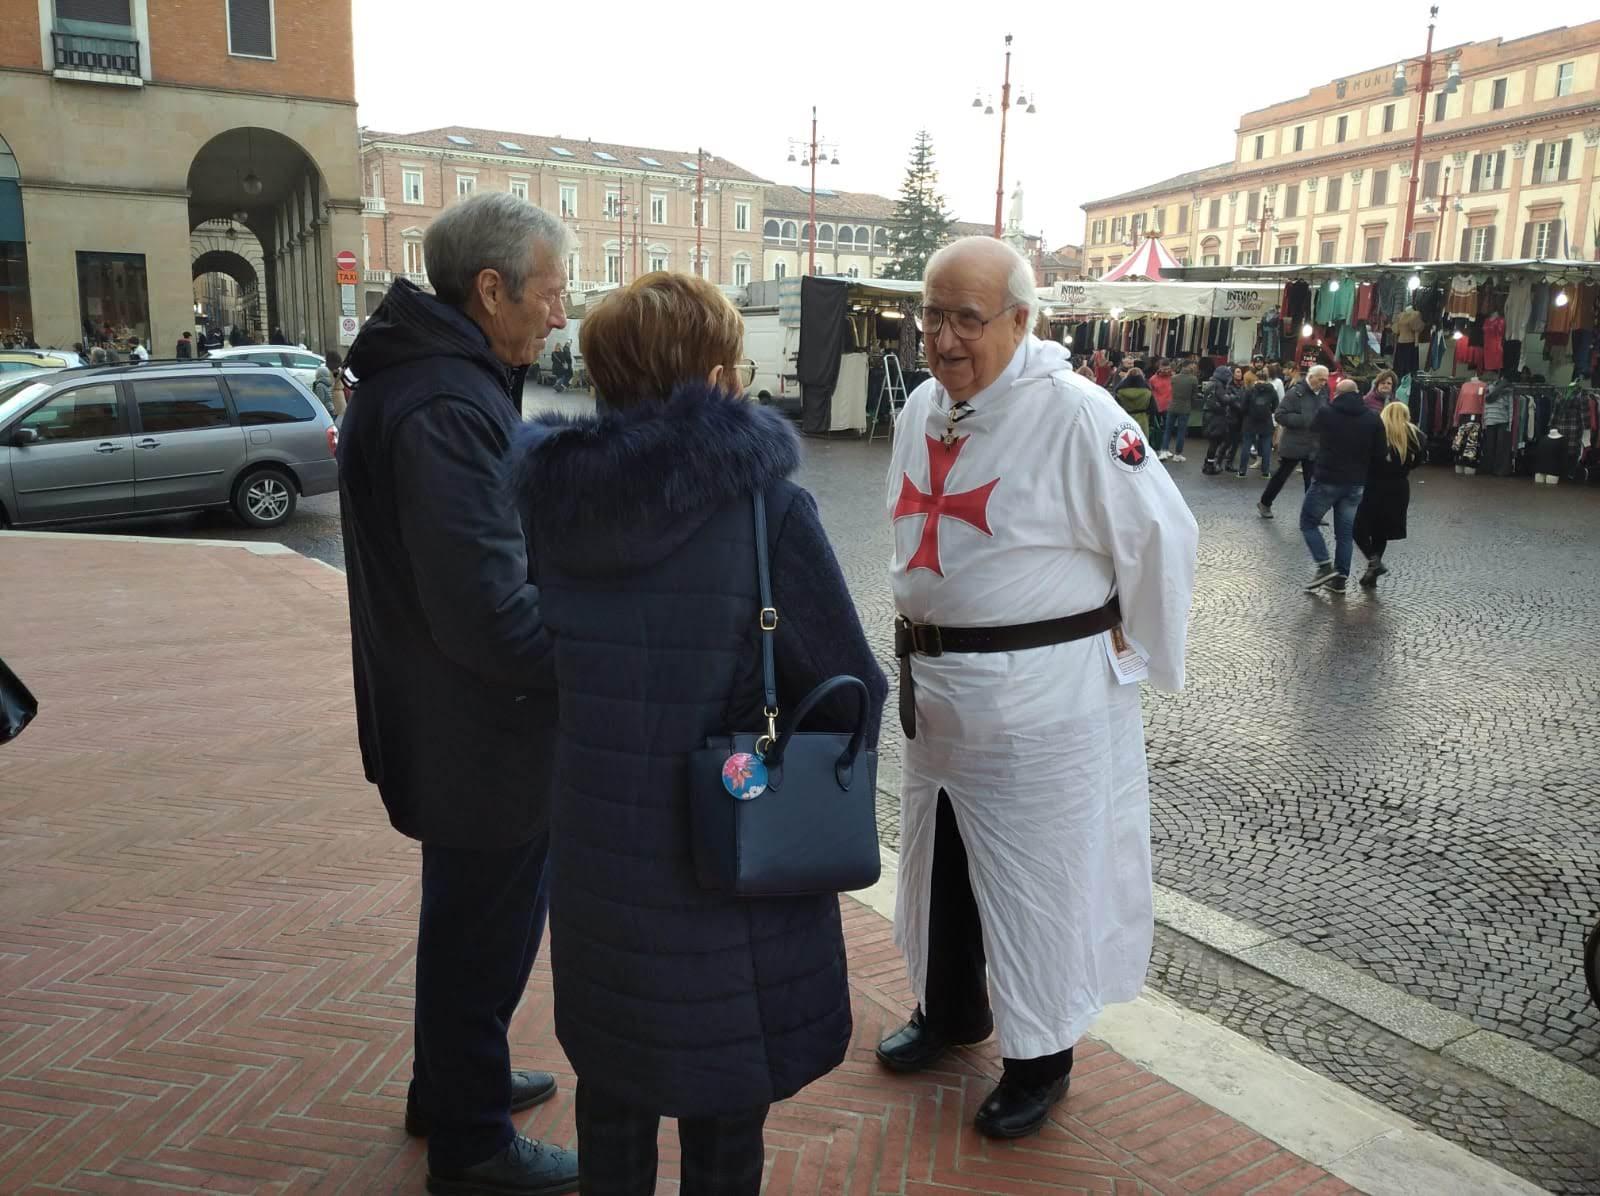 Turno di custodia – Abbazia di San Mercuriale – Forlì (FC) 15.12.2019